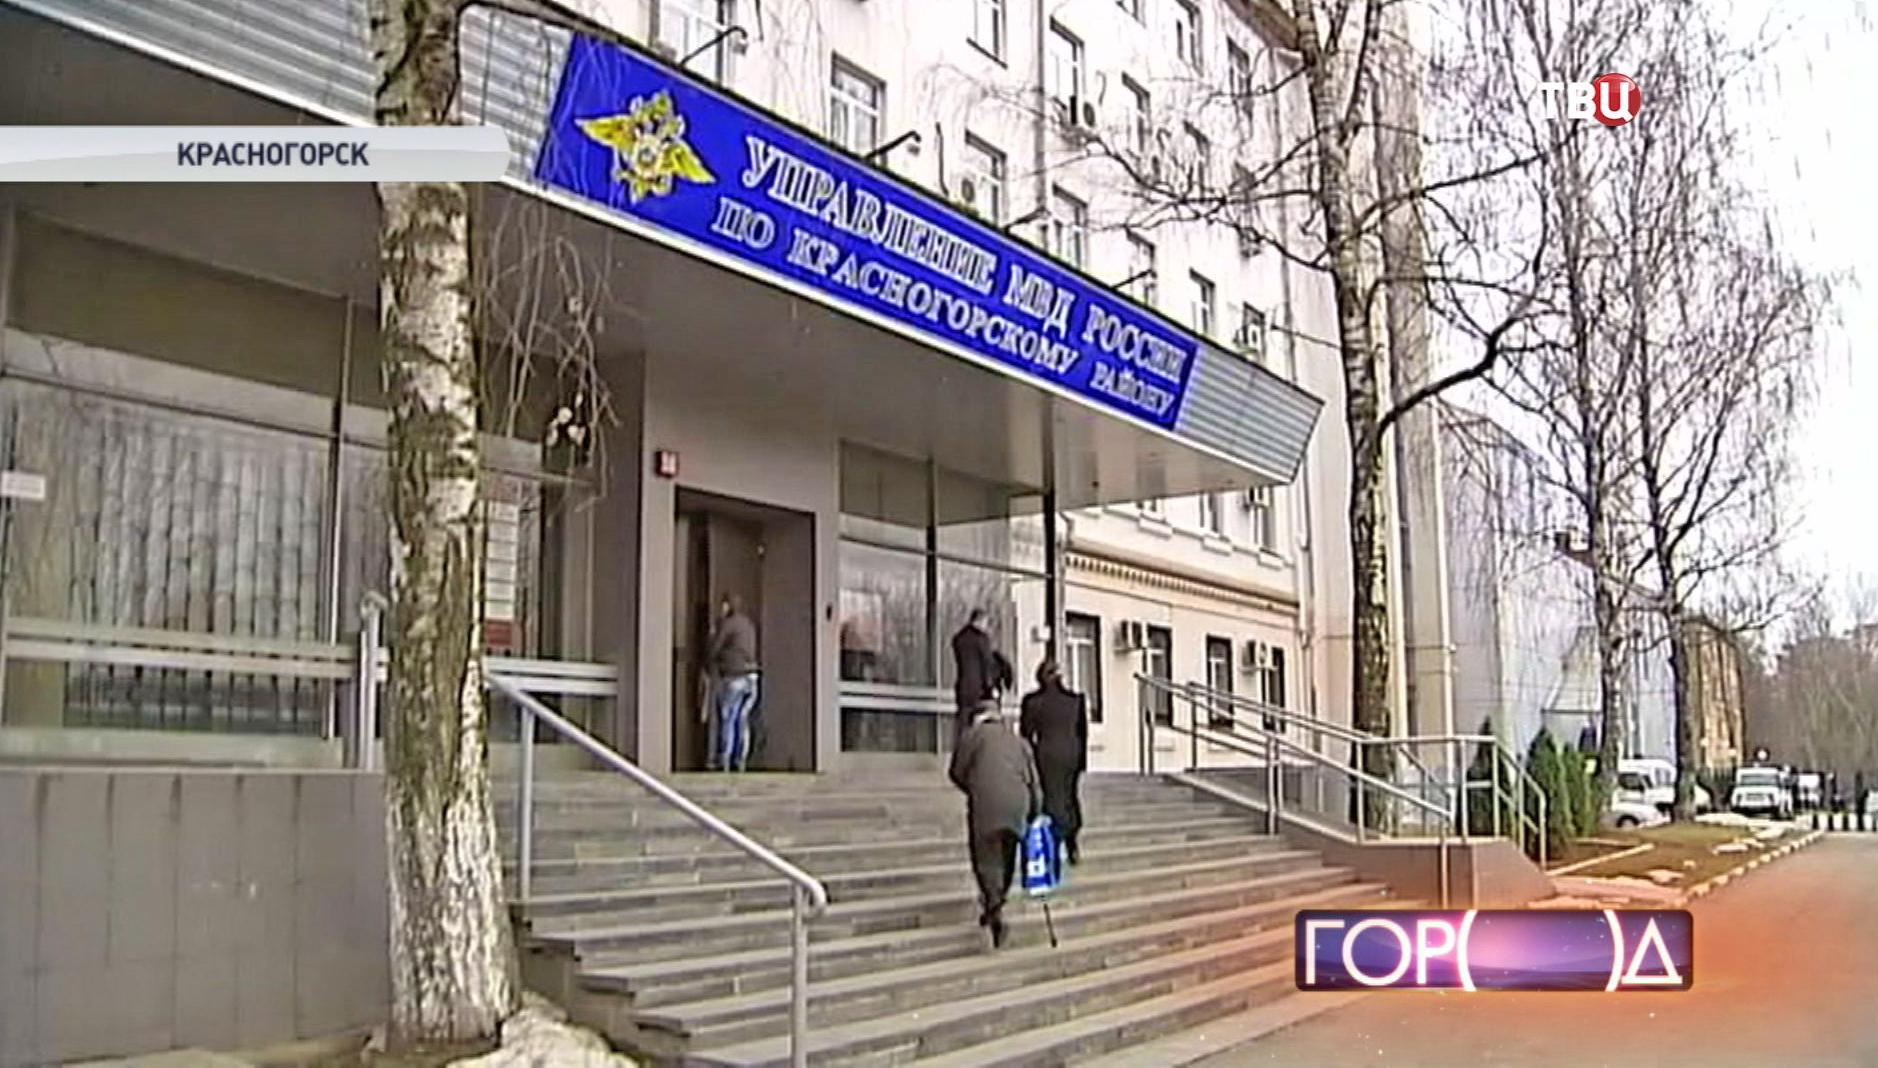 Управление МВД России по Красногорскому району